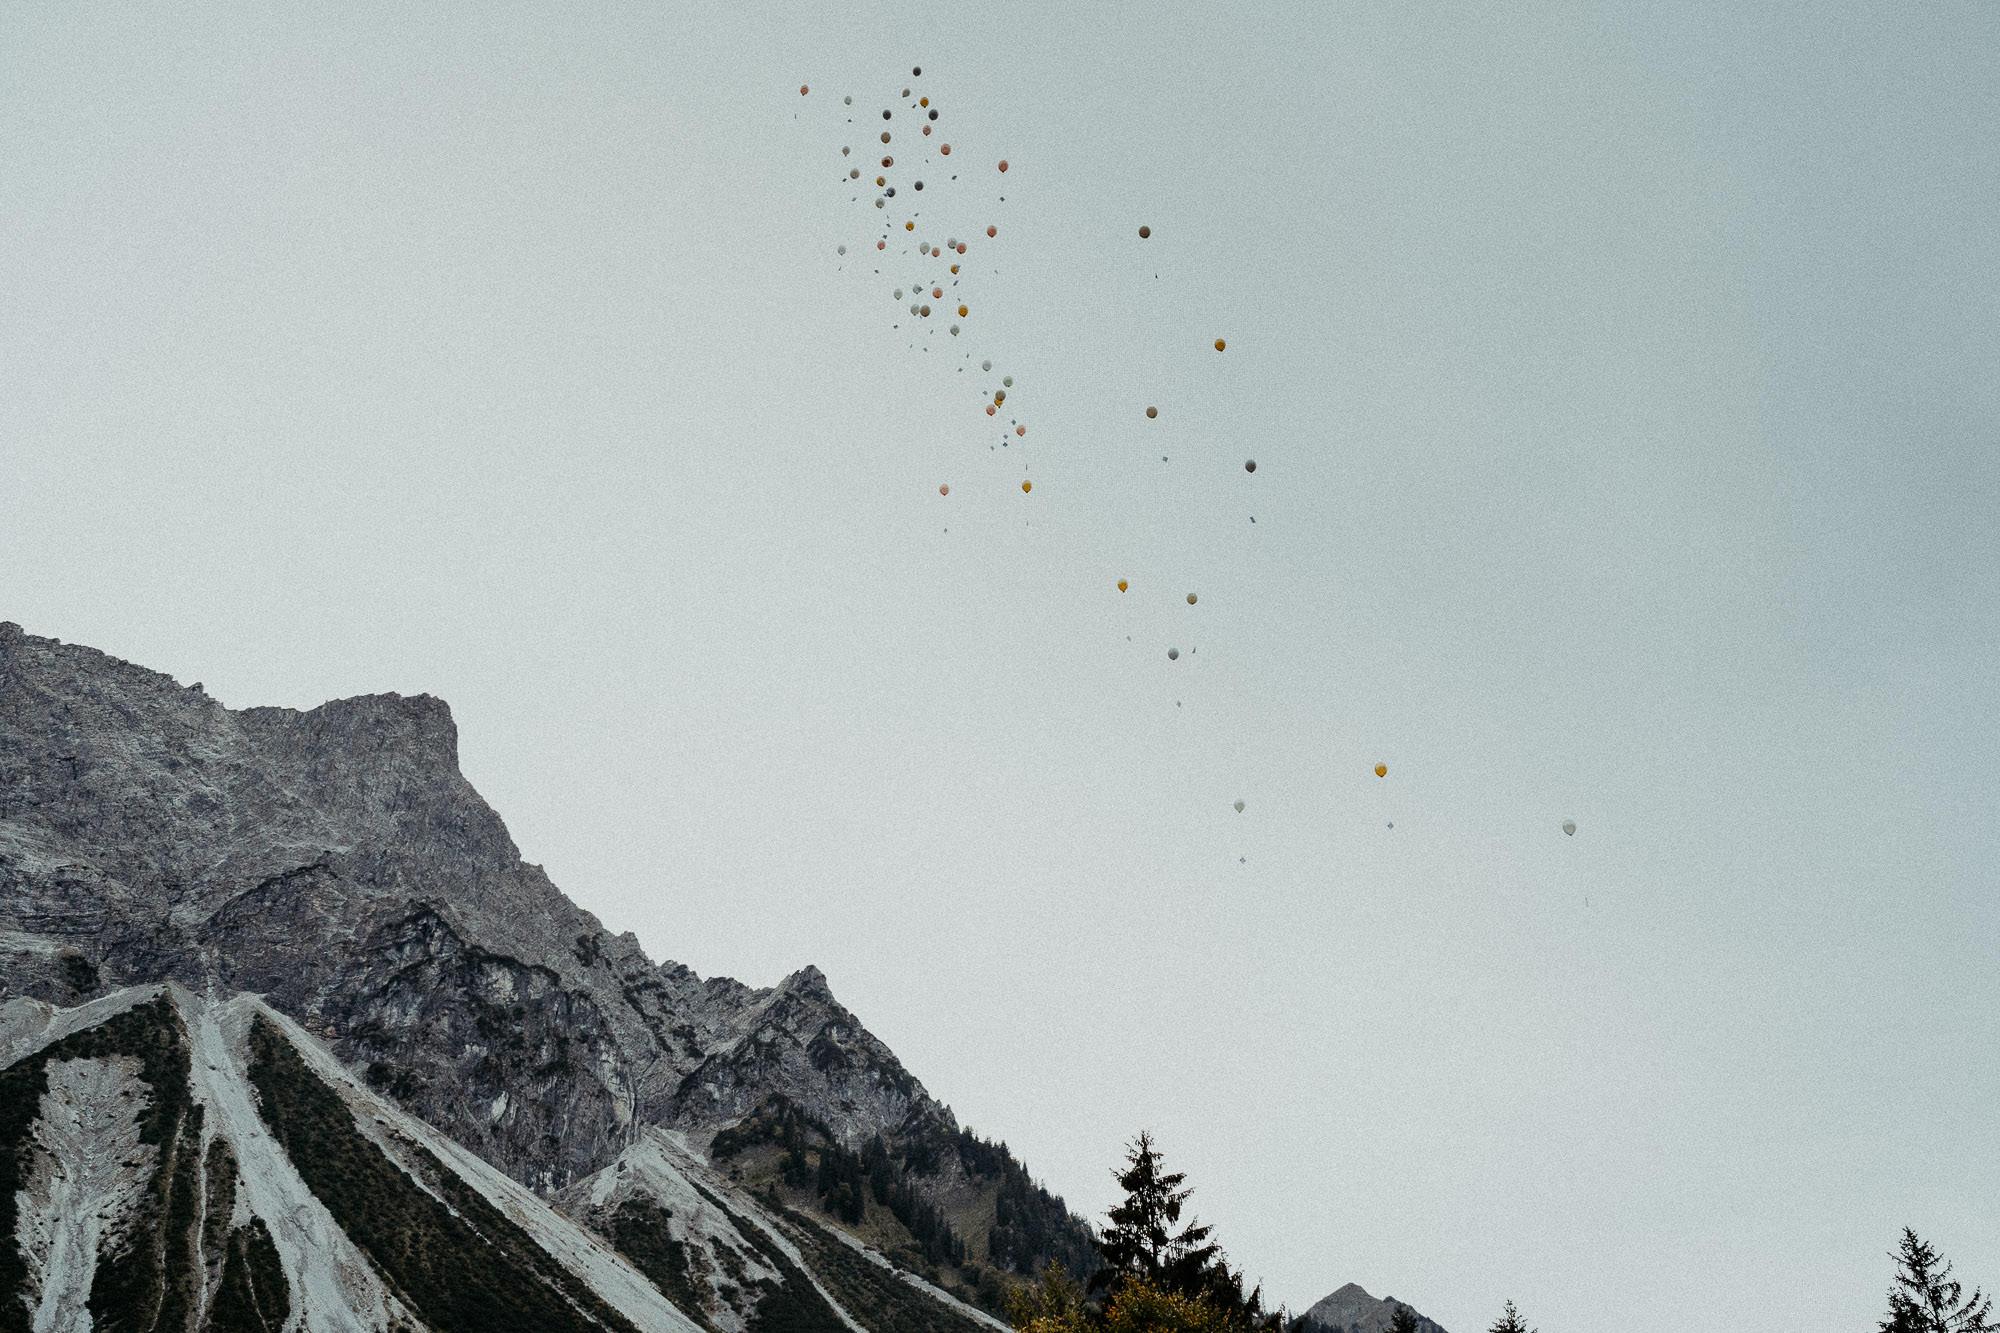 hochzeitsfotograf vorarlberg hochzeit villa maund balloon